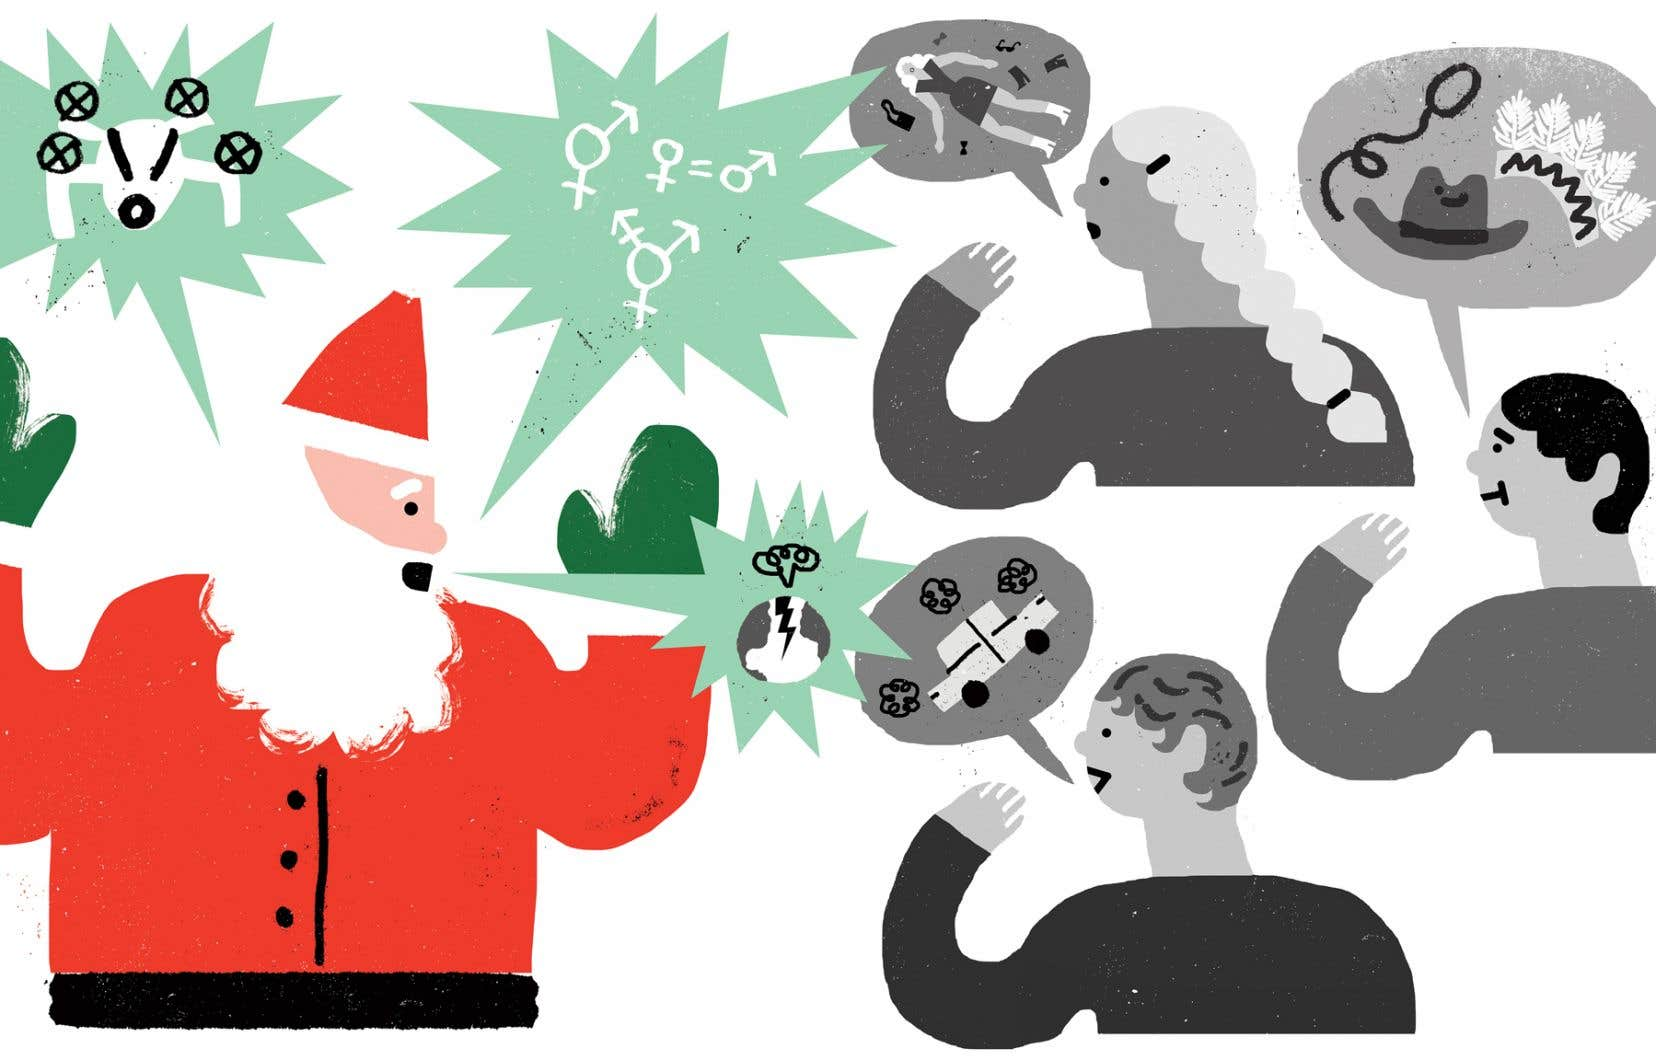 <p>Pour illustrer son propos, Gaétan Guay-Tanguay laissa glisser son regard sur son interlocuteur, de haut en bas. Dans sa confusion initiale, Prosper Noël n'avait pas prêté attention à son propre habillement.</p>